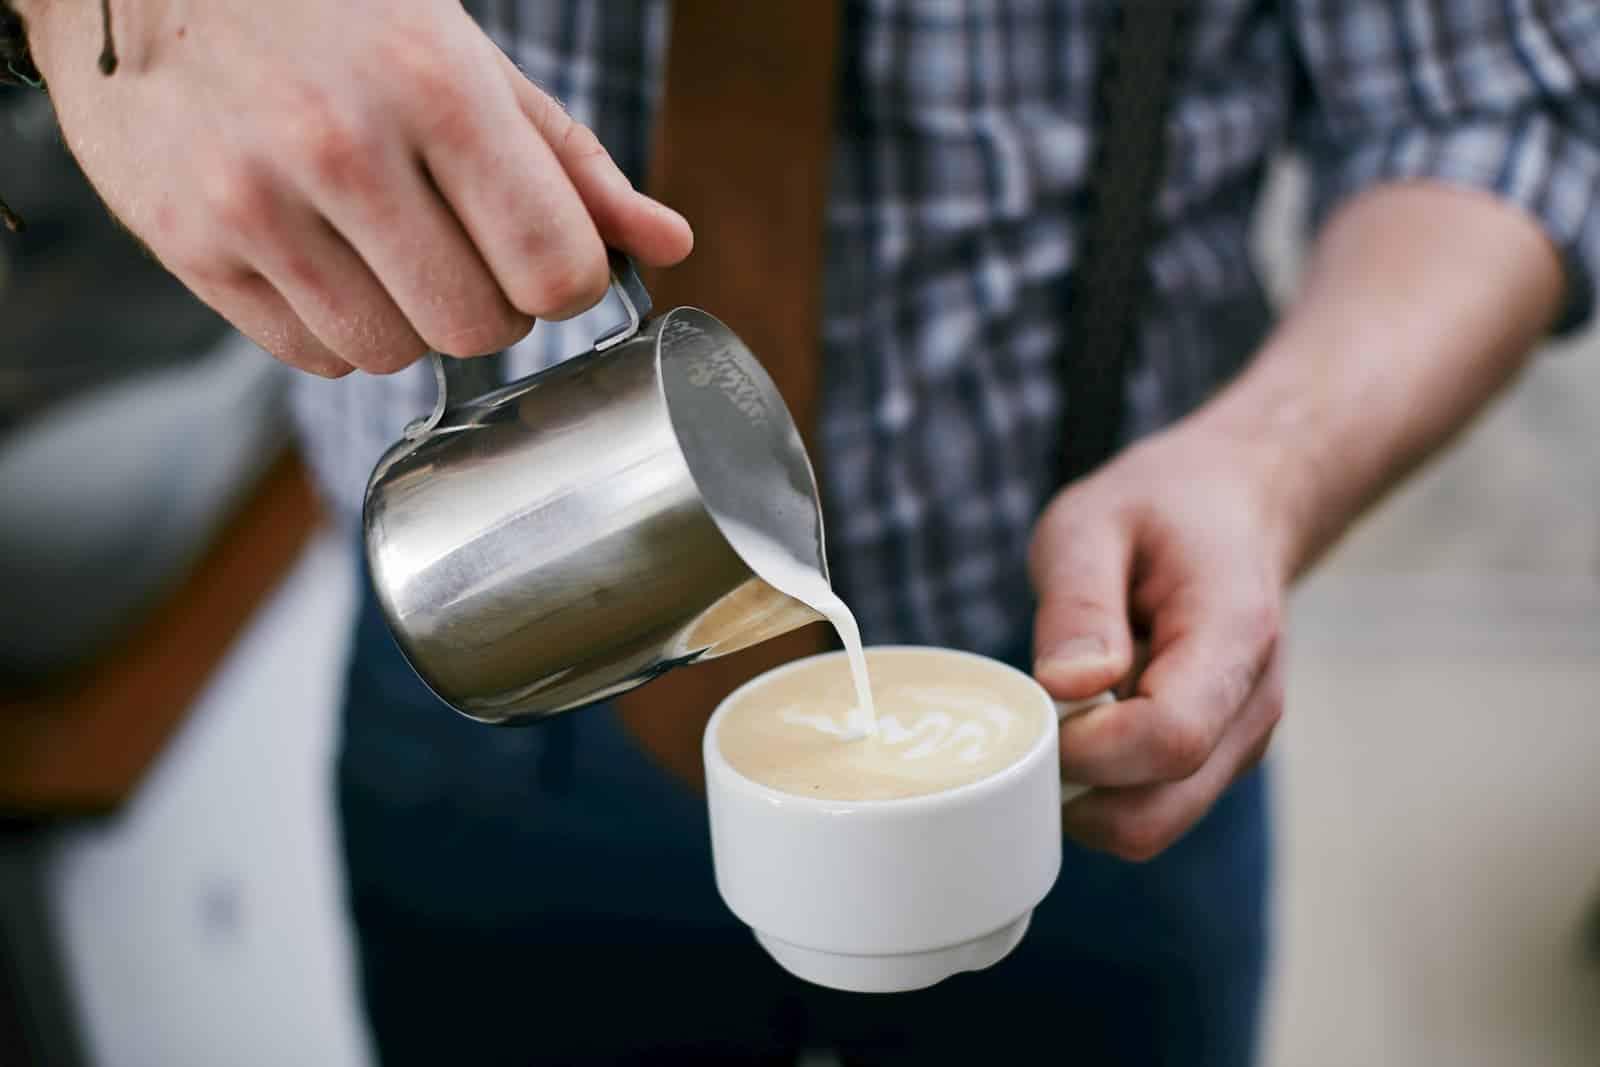 preparando um delicioso café com leite